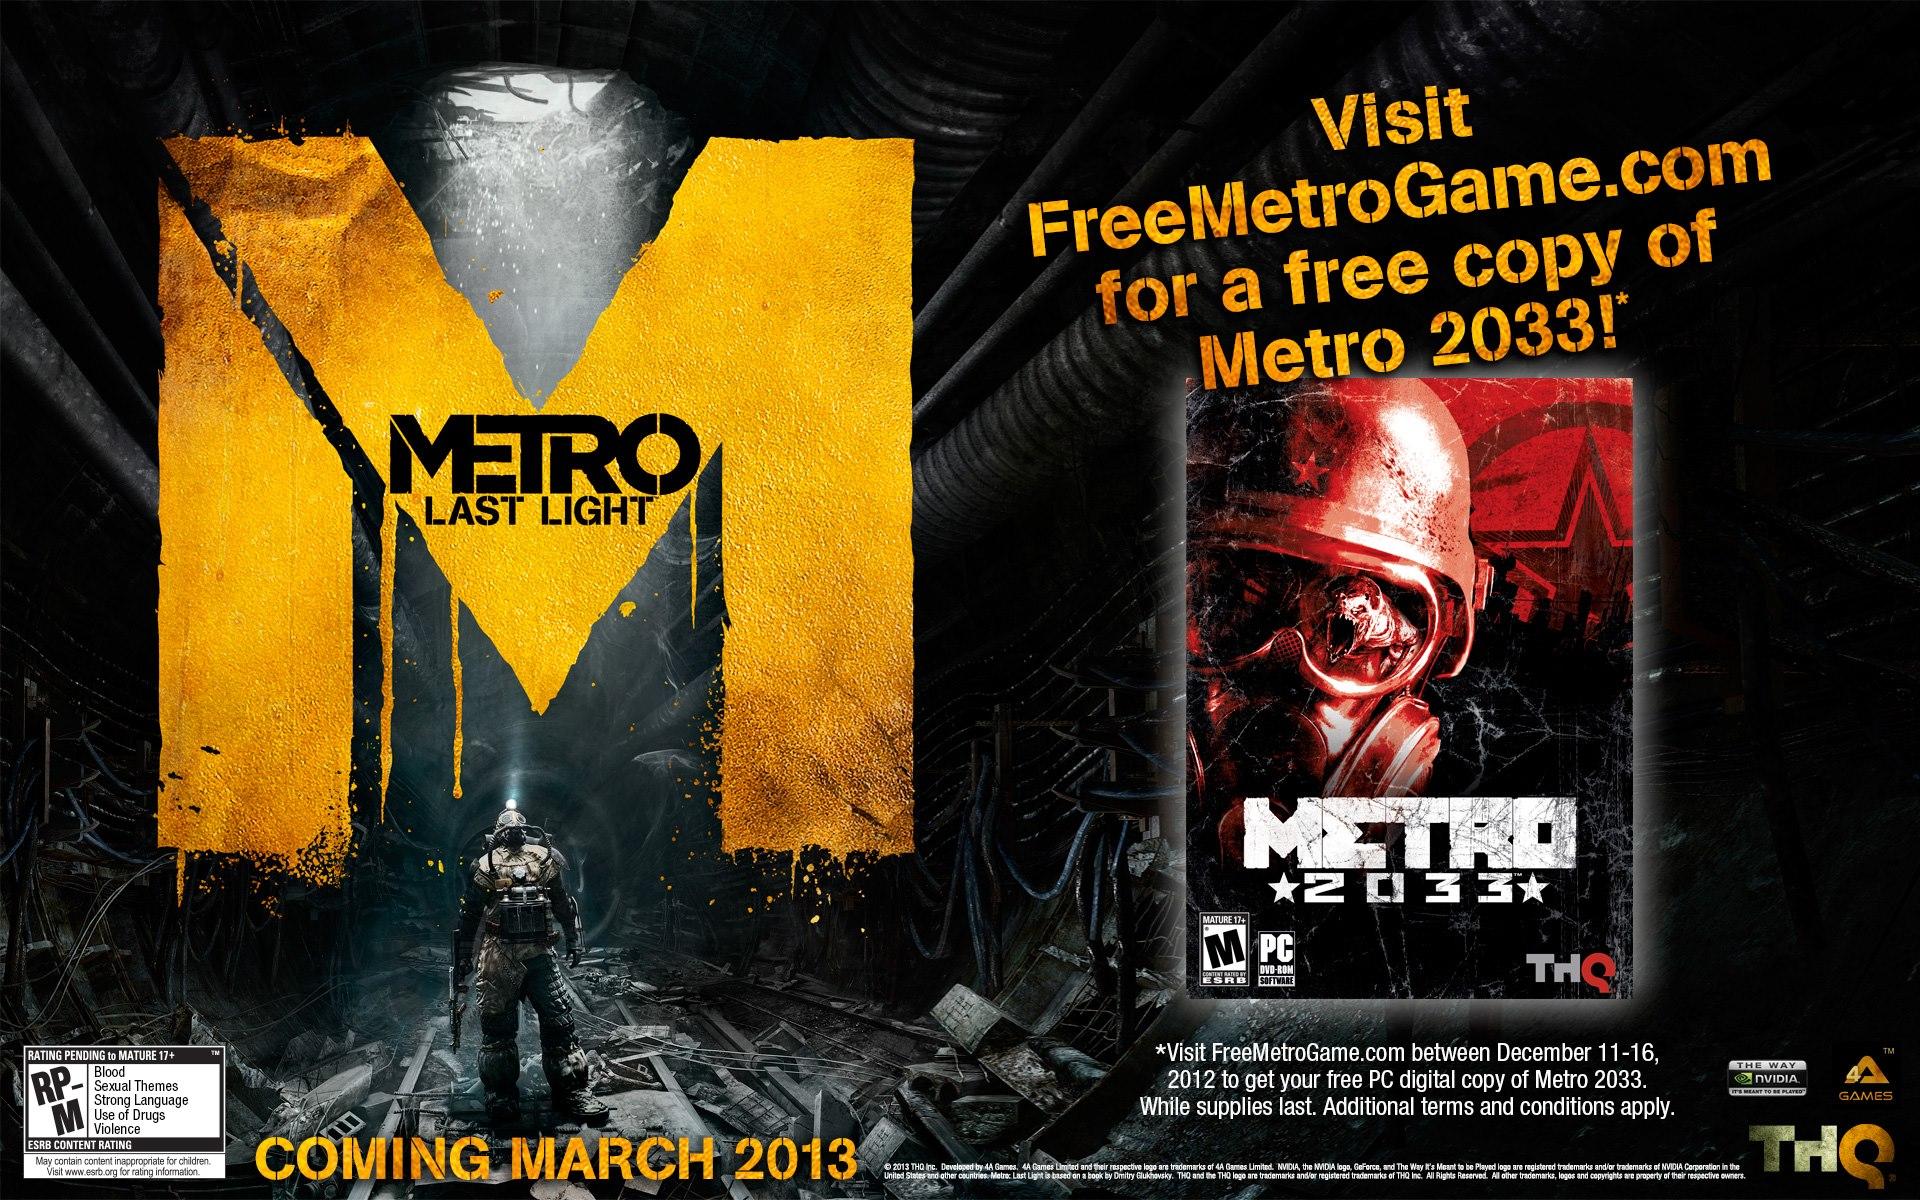 Metro 2033 - Metro 2033 gratis per PC fino al 16 Dicembre